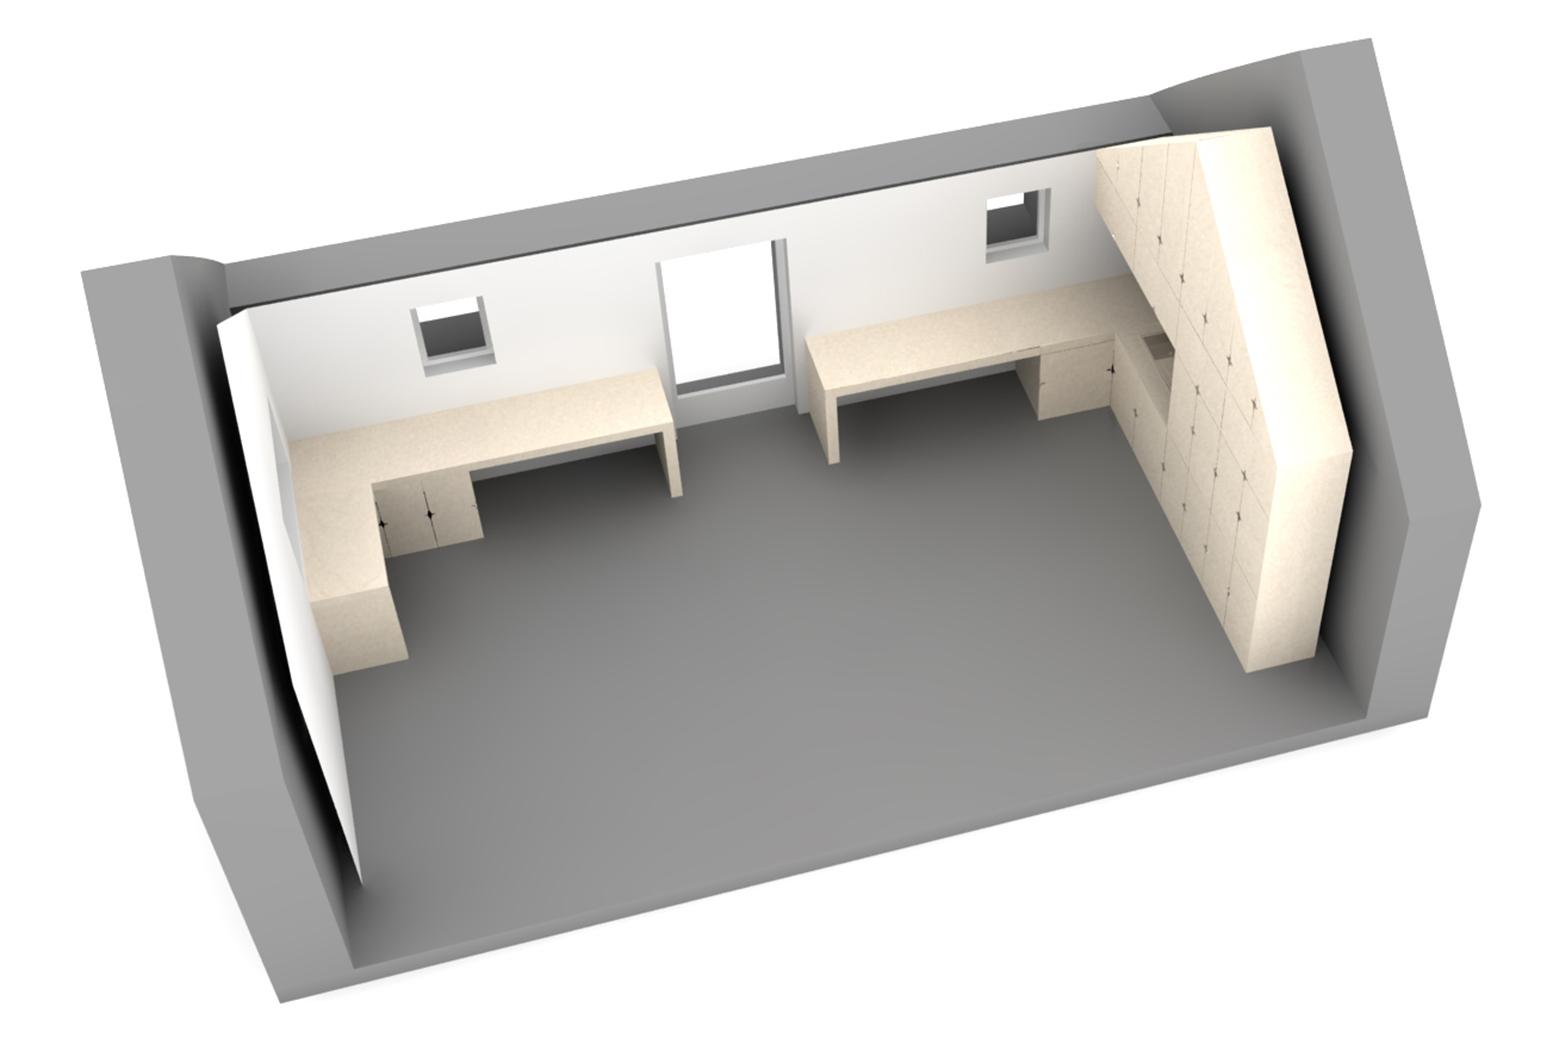 Atelier d'Artiste / Modal Architecture (1)